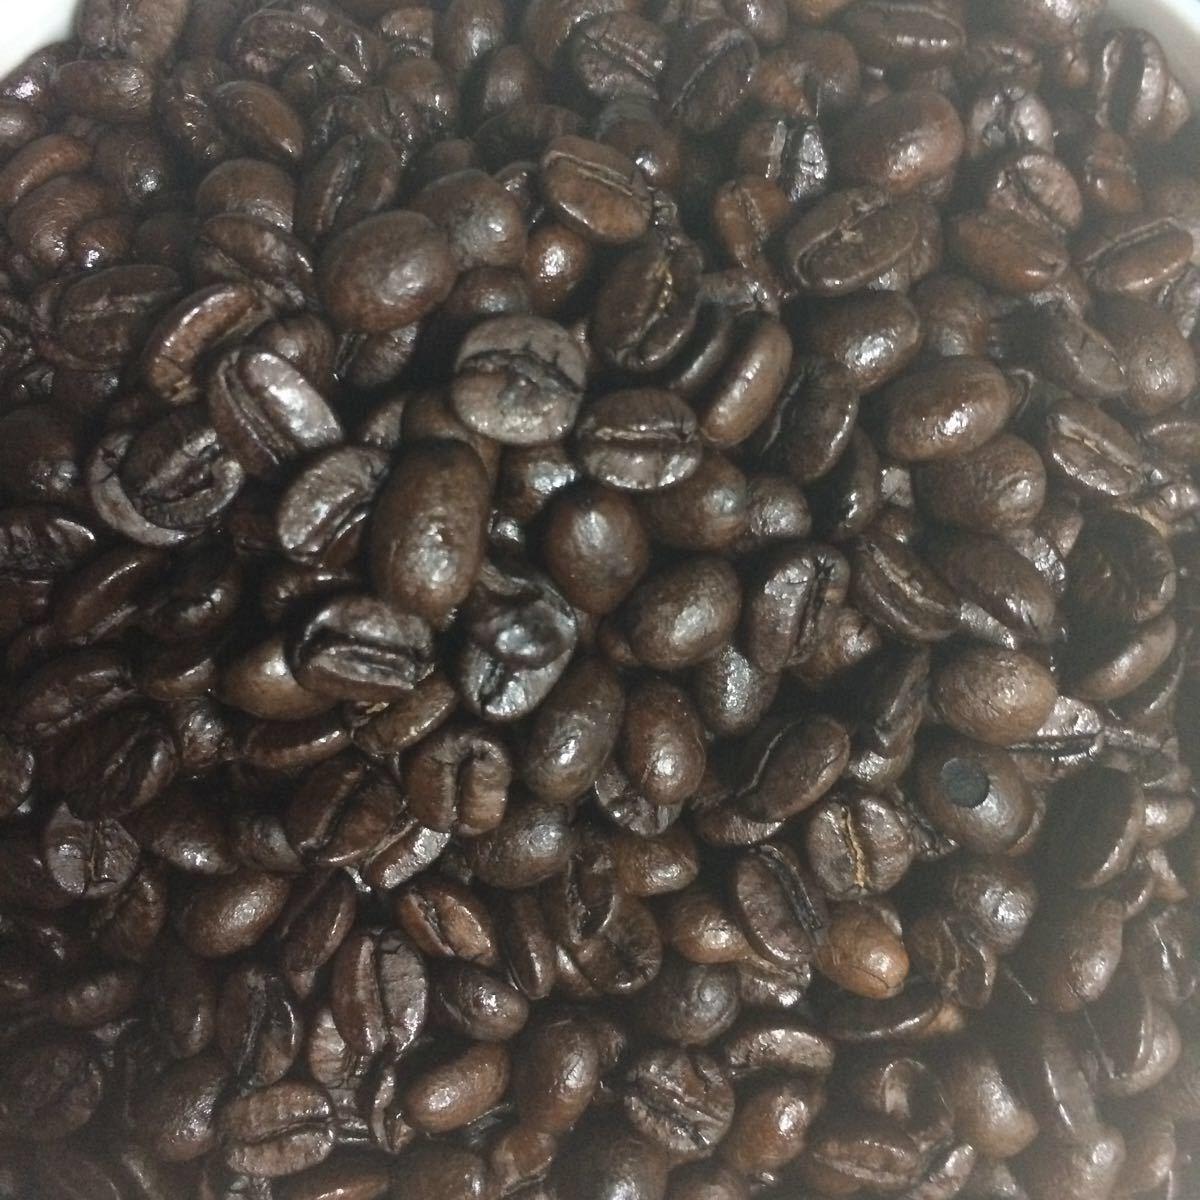 コーヒー豆 自家焙煎珈琲 ブラジル 200g フルシティ 中深煎り アイスコーヒー